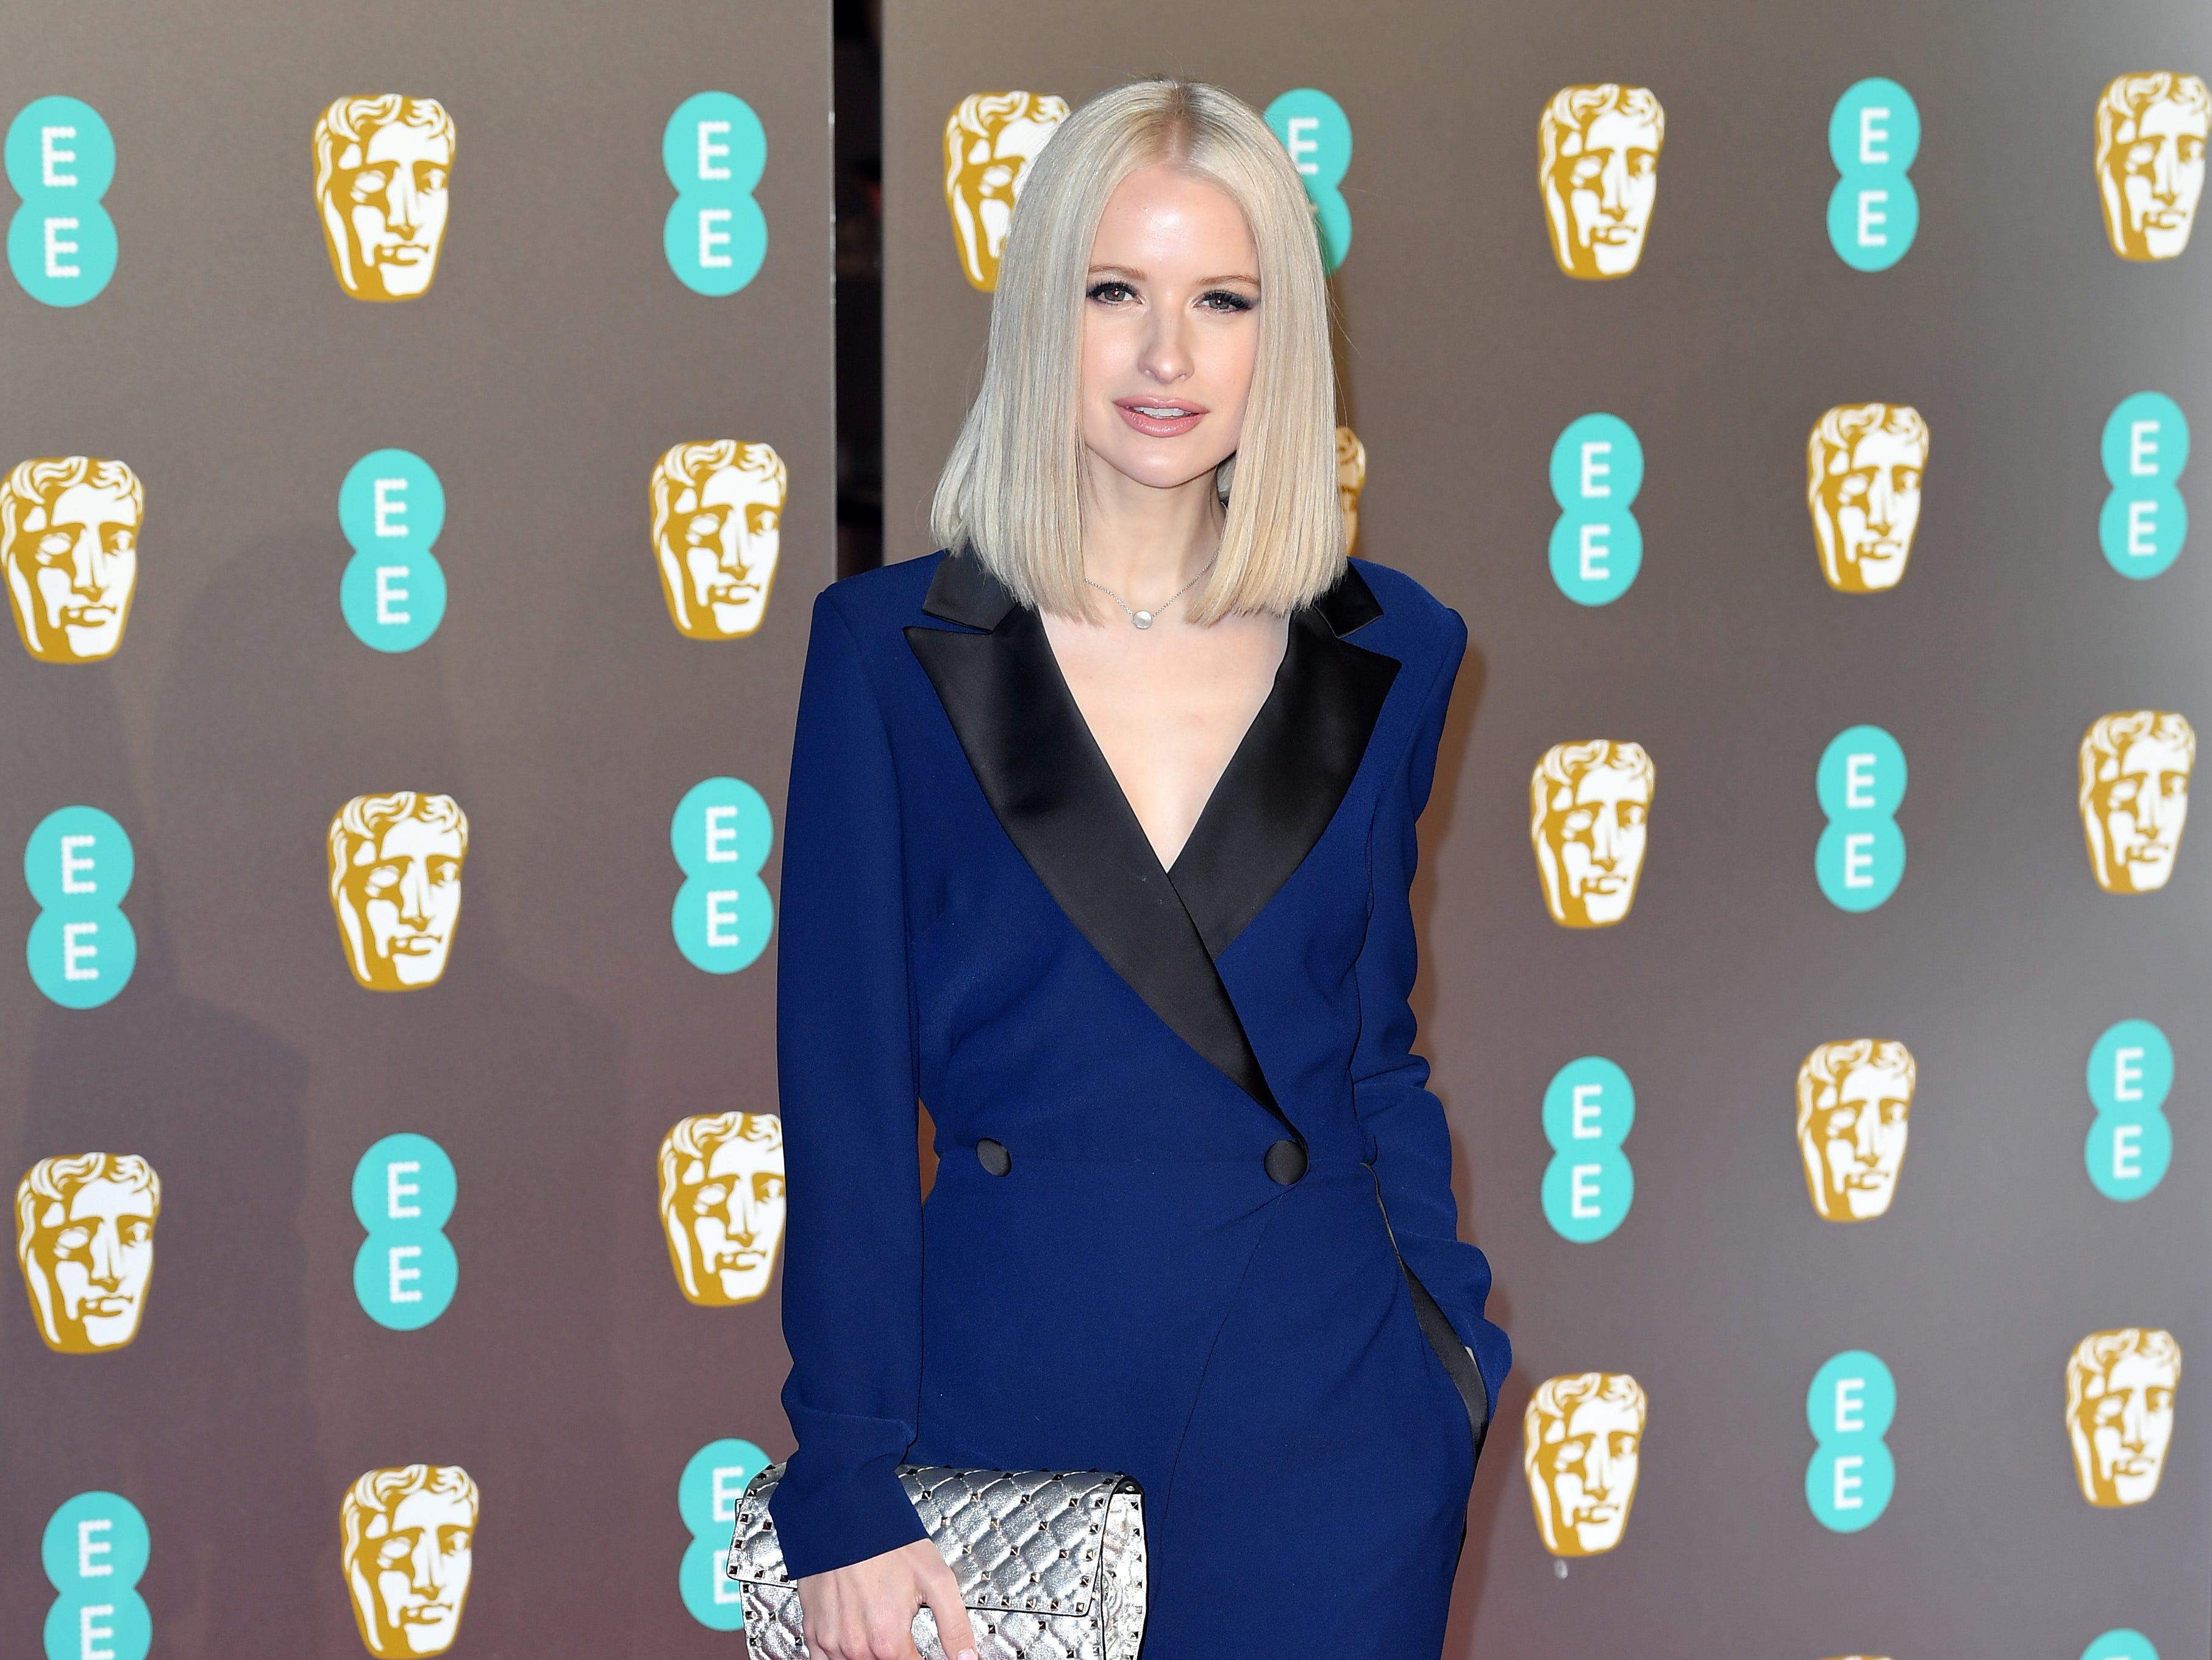 Victoria Magrath a su llegada a la alfombra roja de los Premios de la Academia Británica de Cine BAFTA en el Royal Albert Hall en Londres el 10 de febrero de 2019.